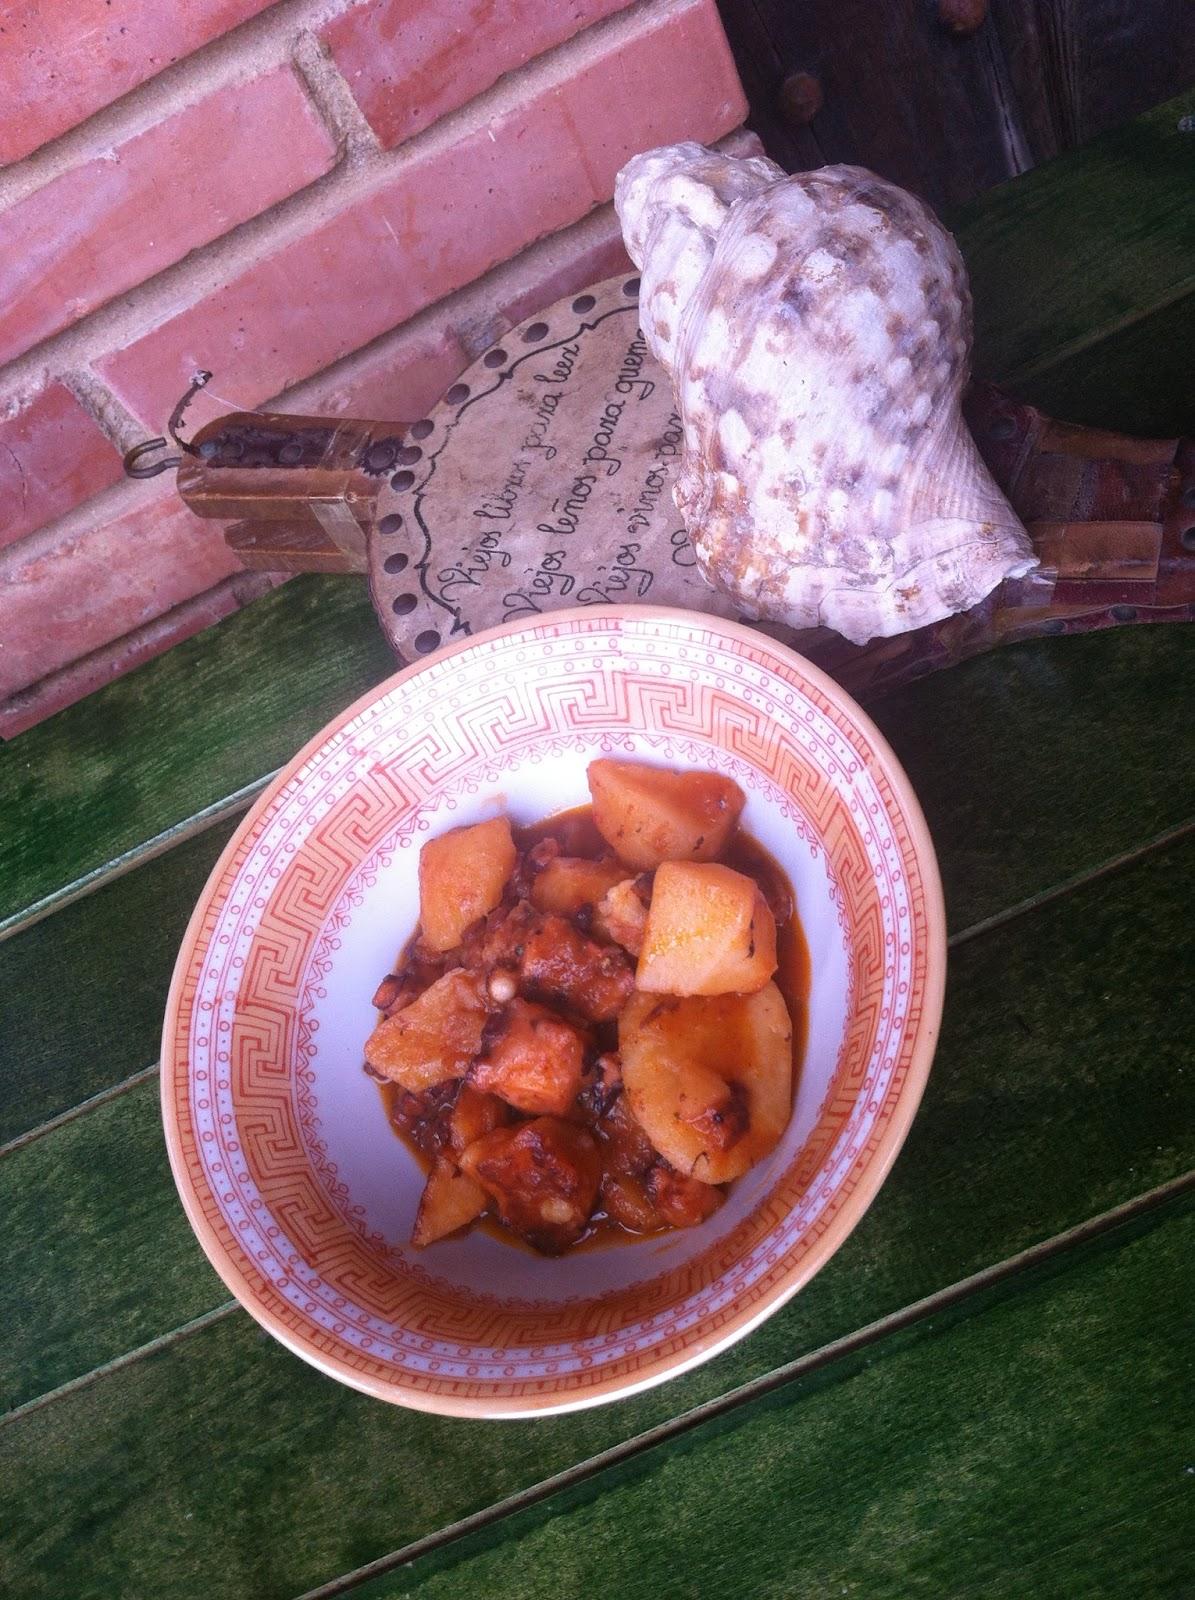 La cocina de las casinas patatas con pulpo de pedreru by jose Como se cocina el pulpo